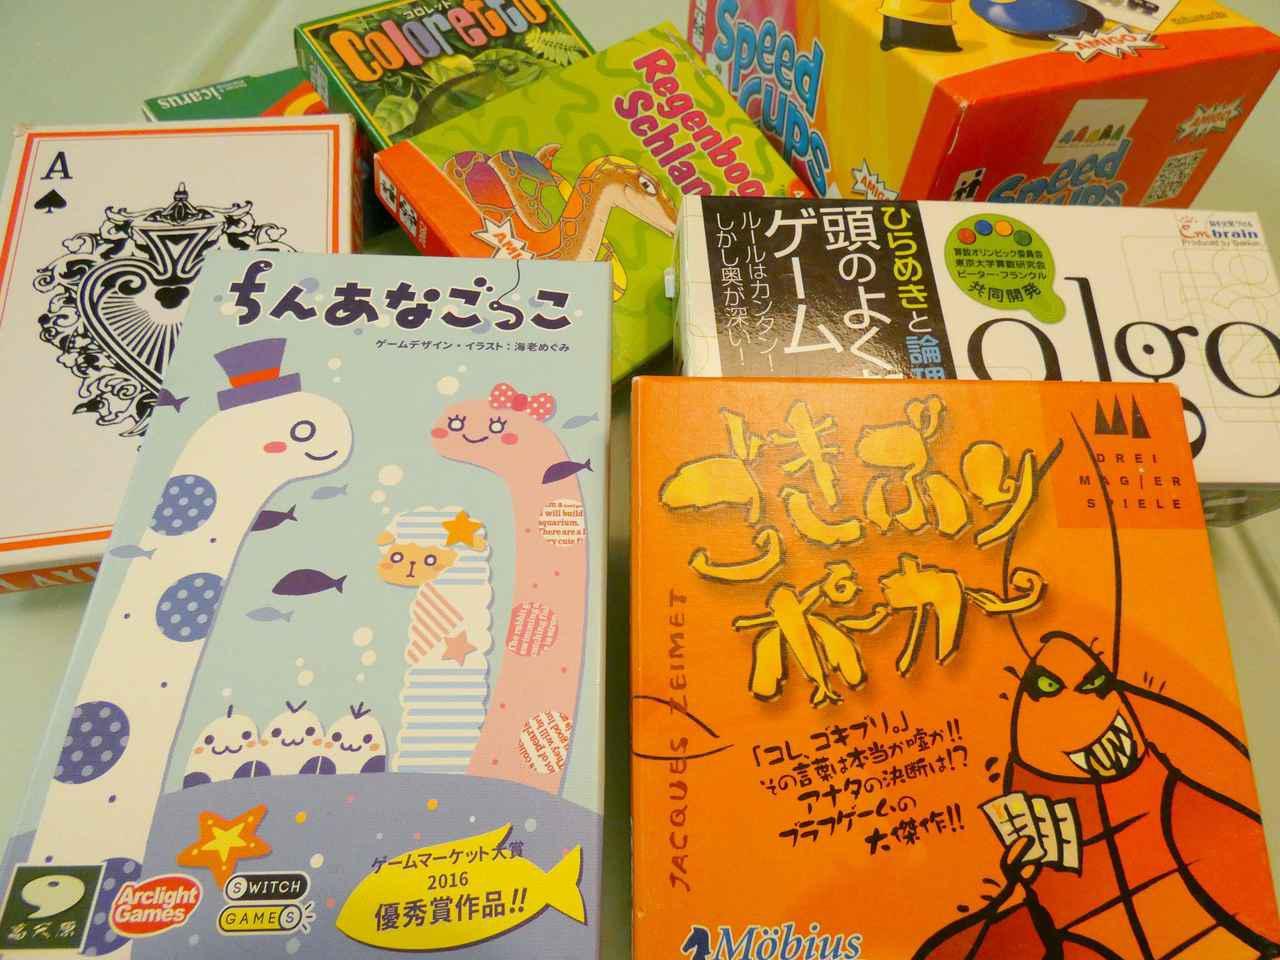 画像: キャンプでもおうちでも! 親子で楽しめるボードゲーム・カードゲームのおすすめ2選 - ハピキャン(HAPPY CAMPER)